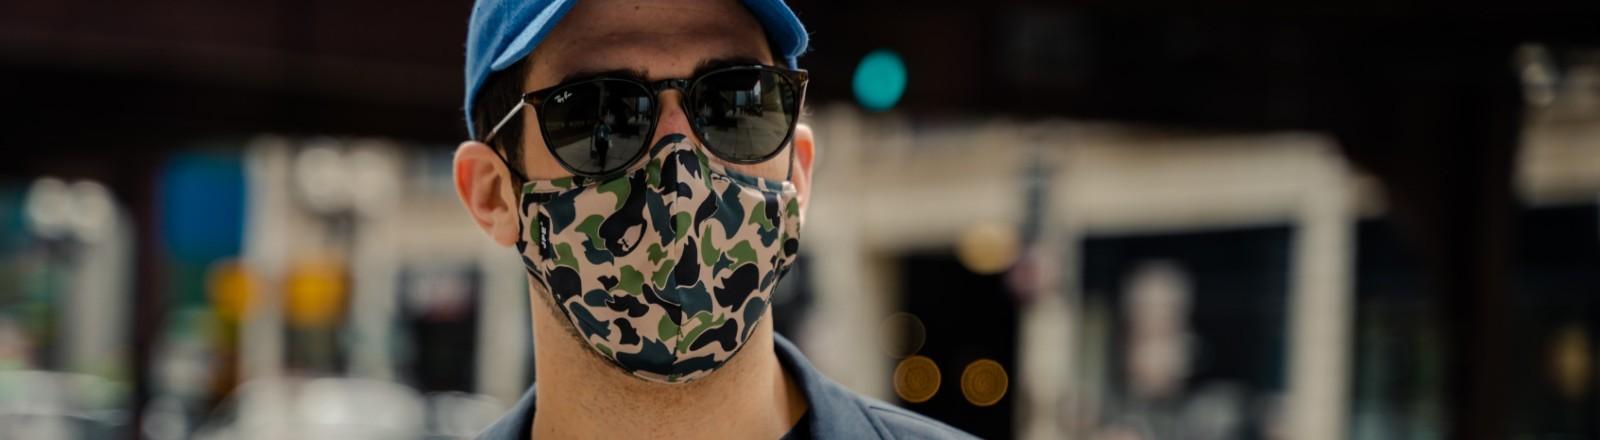 Mann trägt Sonnenbrille und Maske